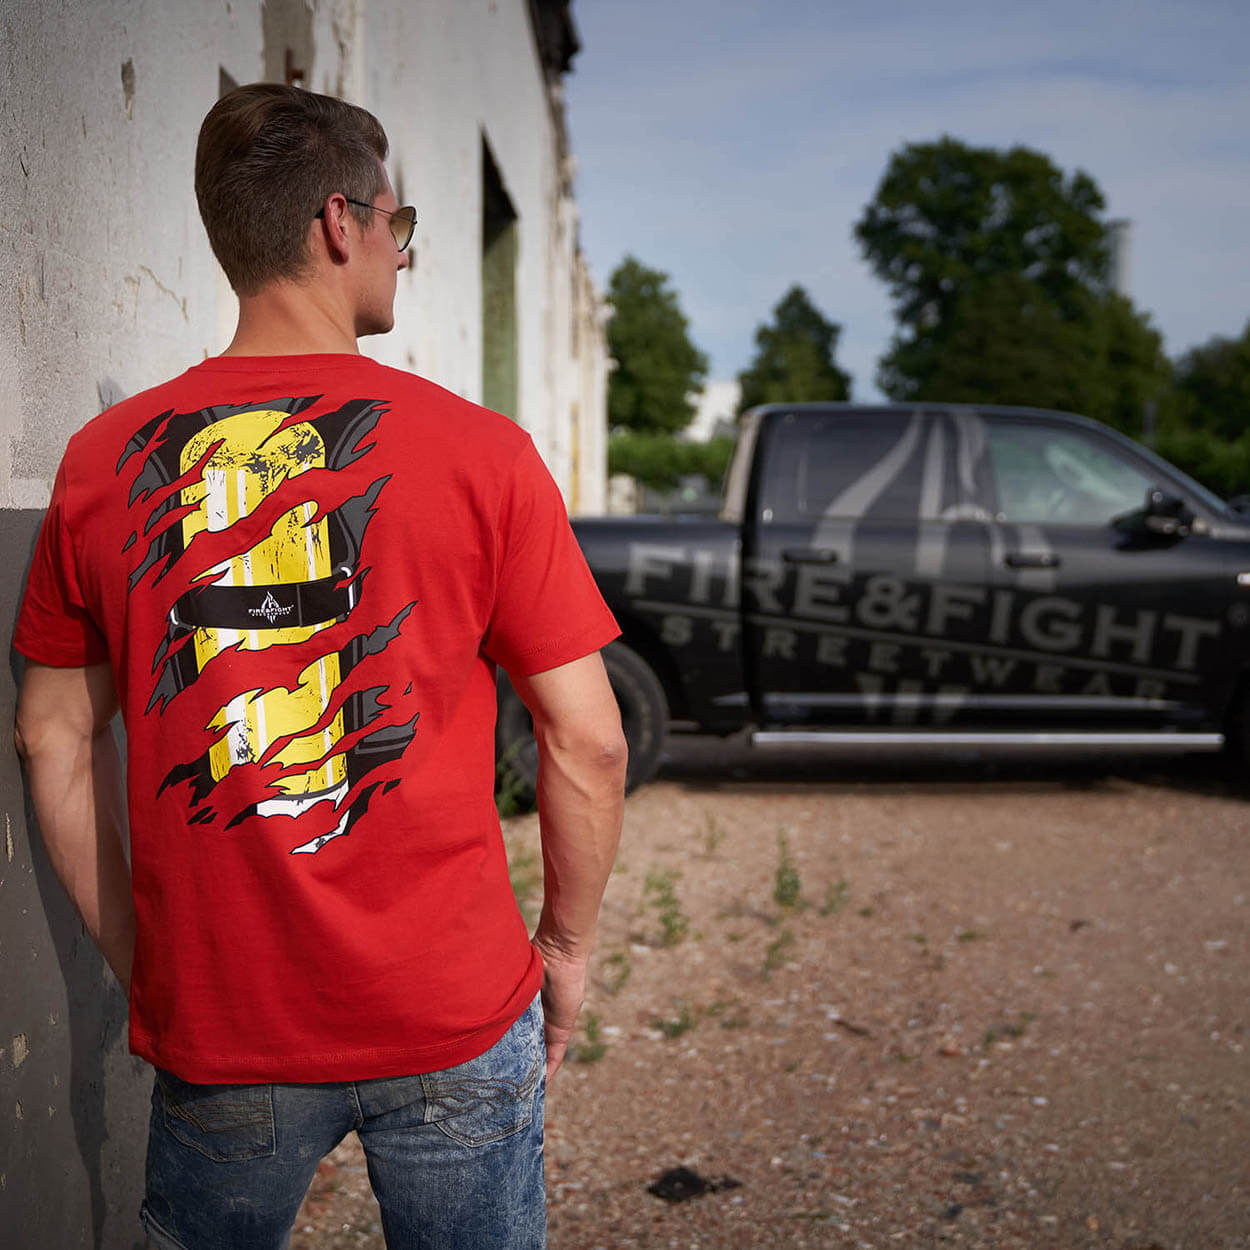 Einsatzkraft® INSIDE - Feuerwehr Männer T-Shirt rot